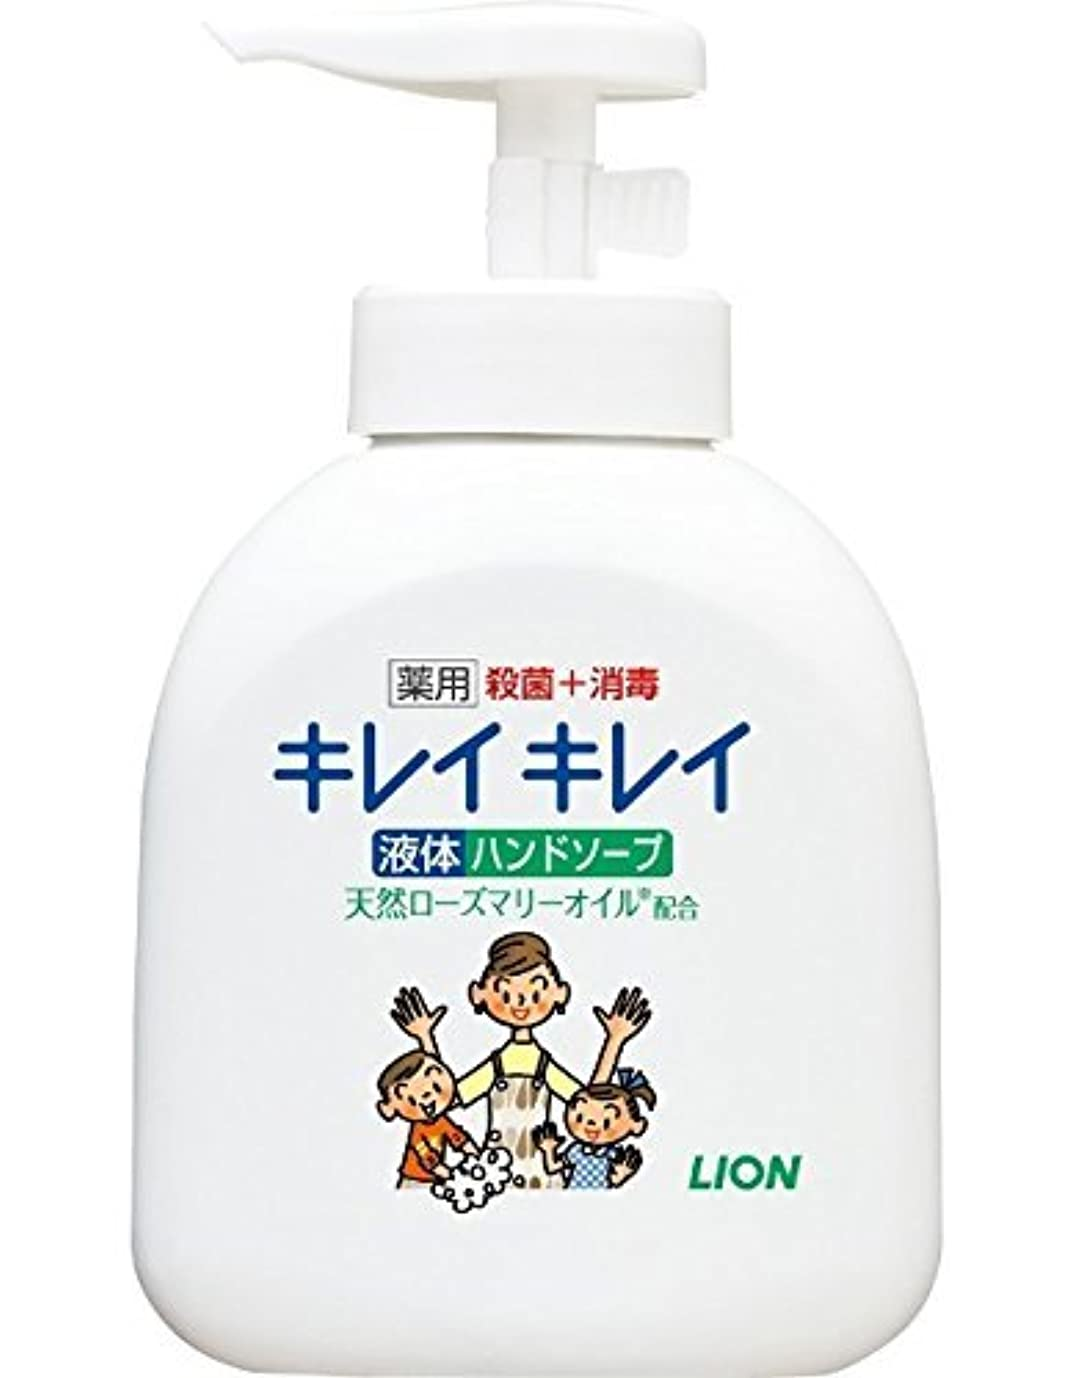 最適アパート才能【ライオン】キレイキレイ薬用液体ハンドソープ 本体ポンプ 250ml ×10個セット